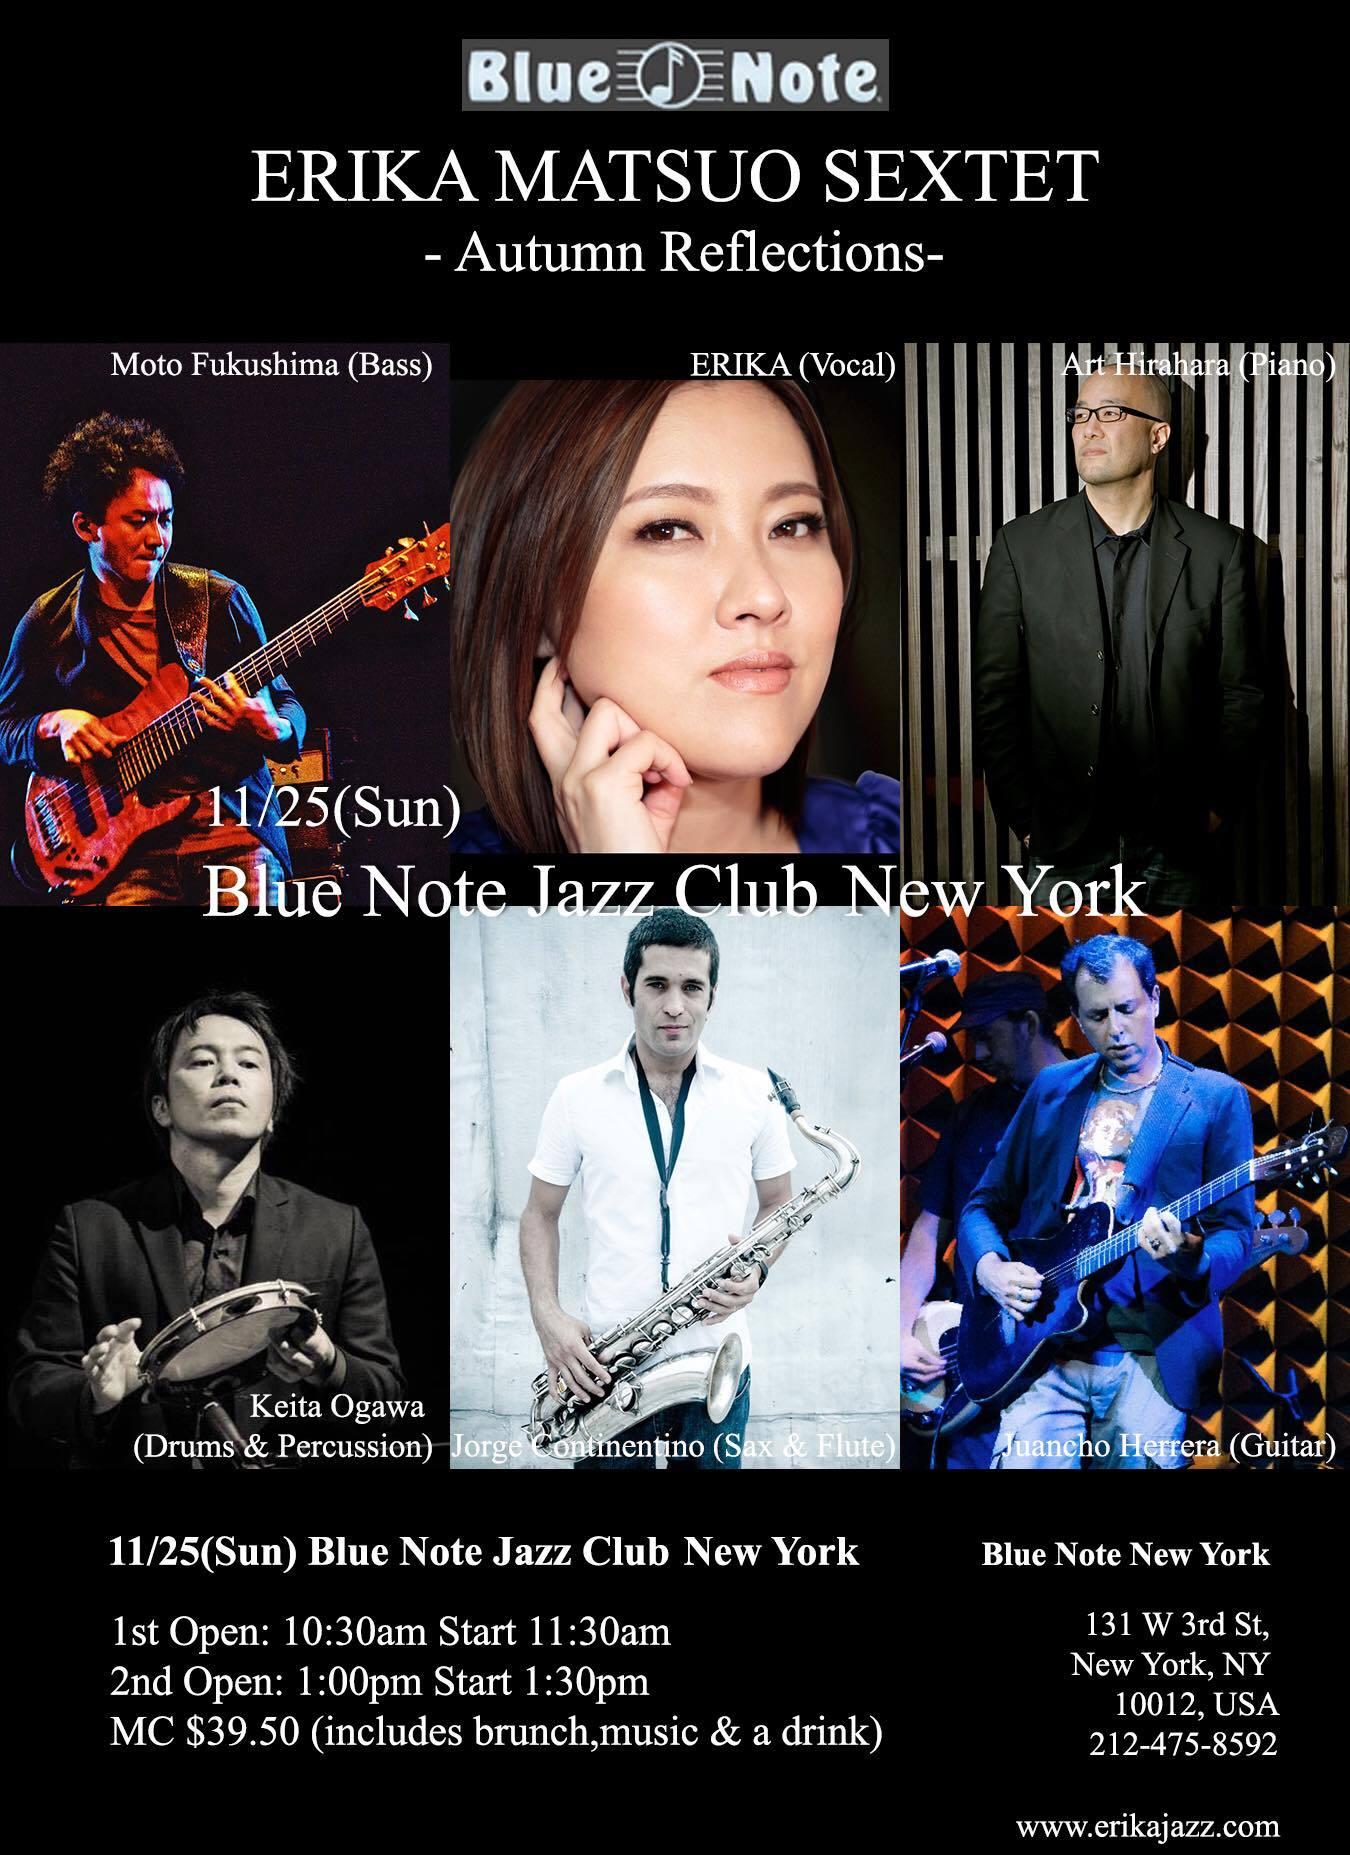 Japan Tour後 ニューヨークに無事に戻りました!今週末はいよいよBLUE NOTE NEW YORK公演です♪_a0150139_05330781.jpg